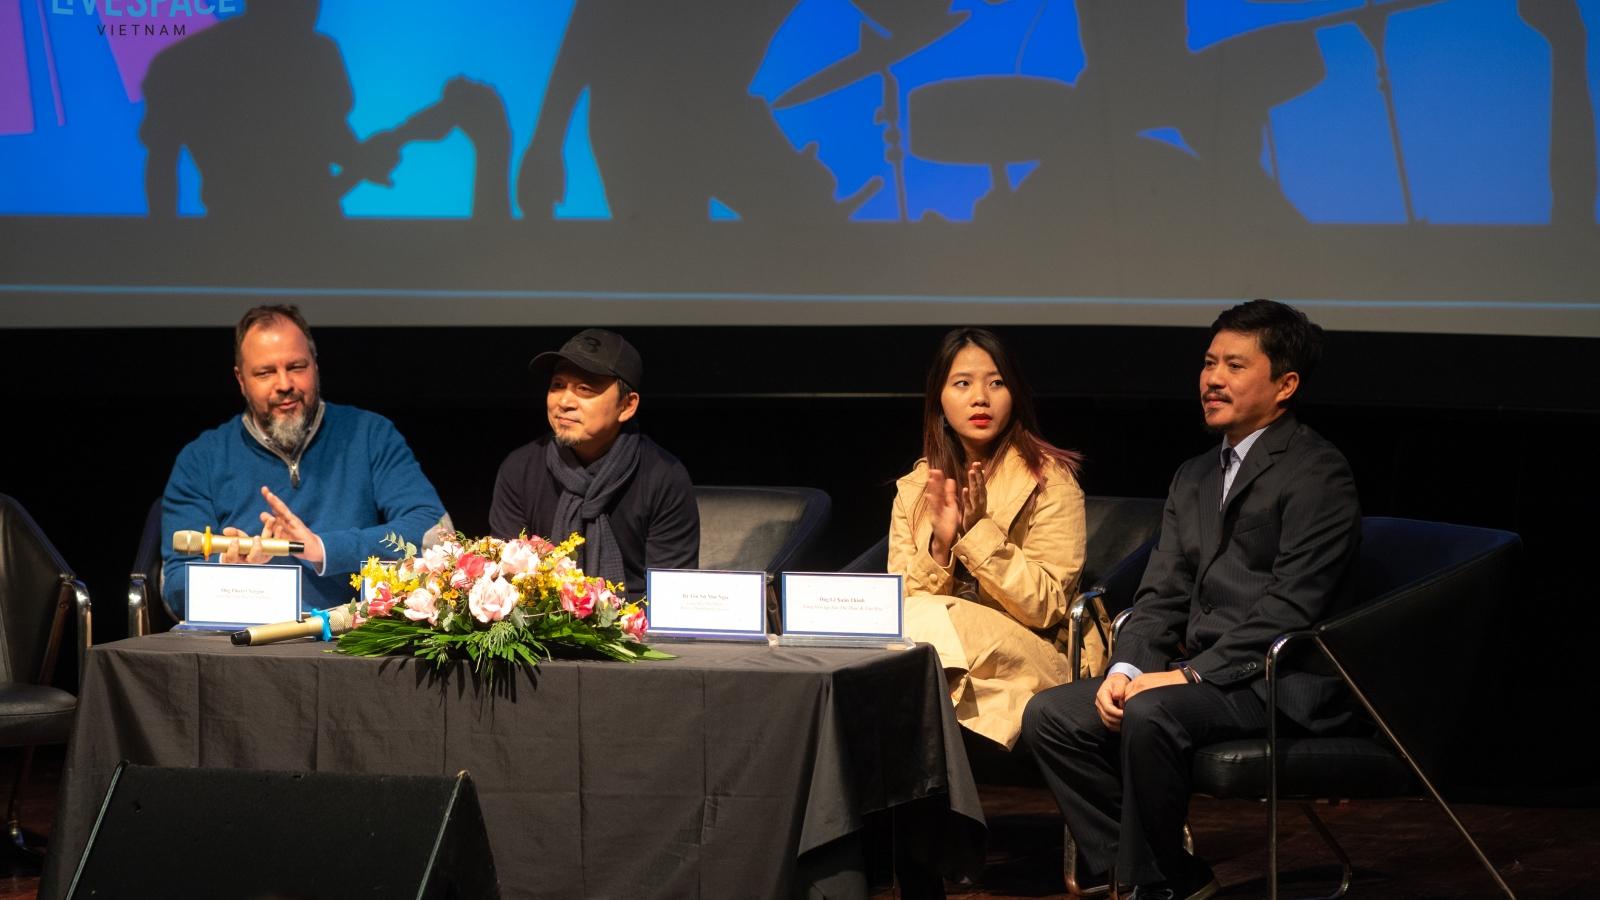 Nhạc sĩ Quốc Trung: Sân khấu âm nhạc không nên chỉ có ca sĩ đứng hát